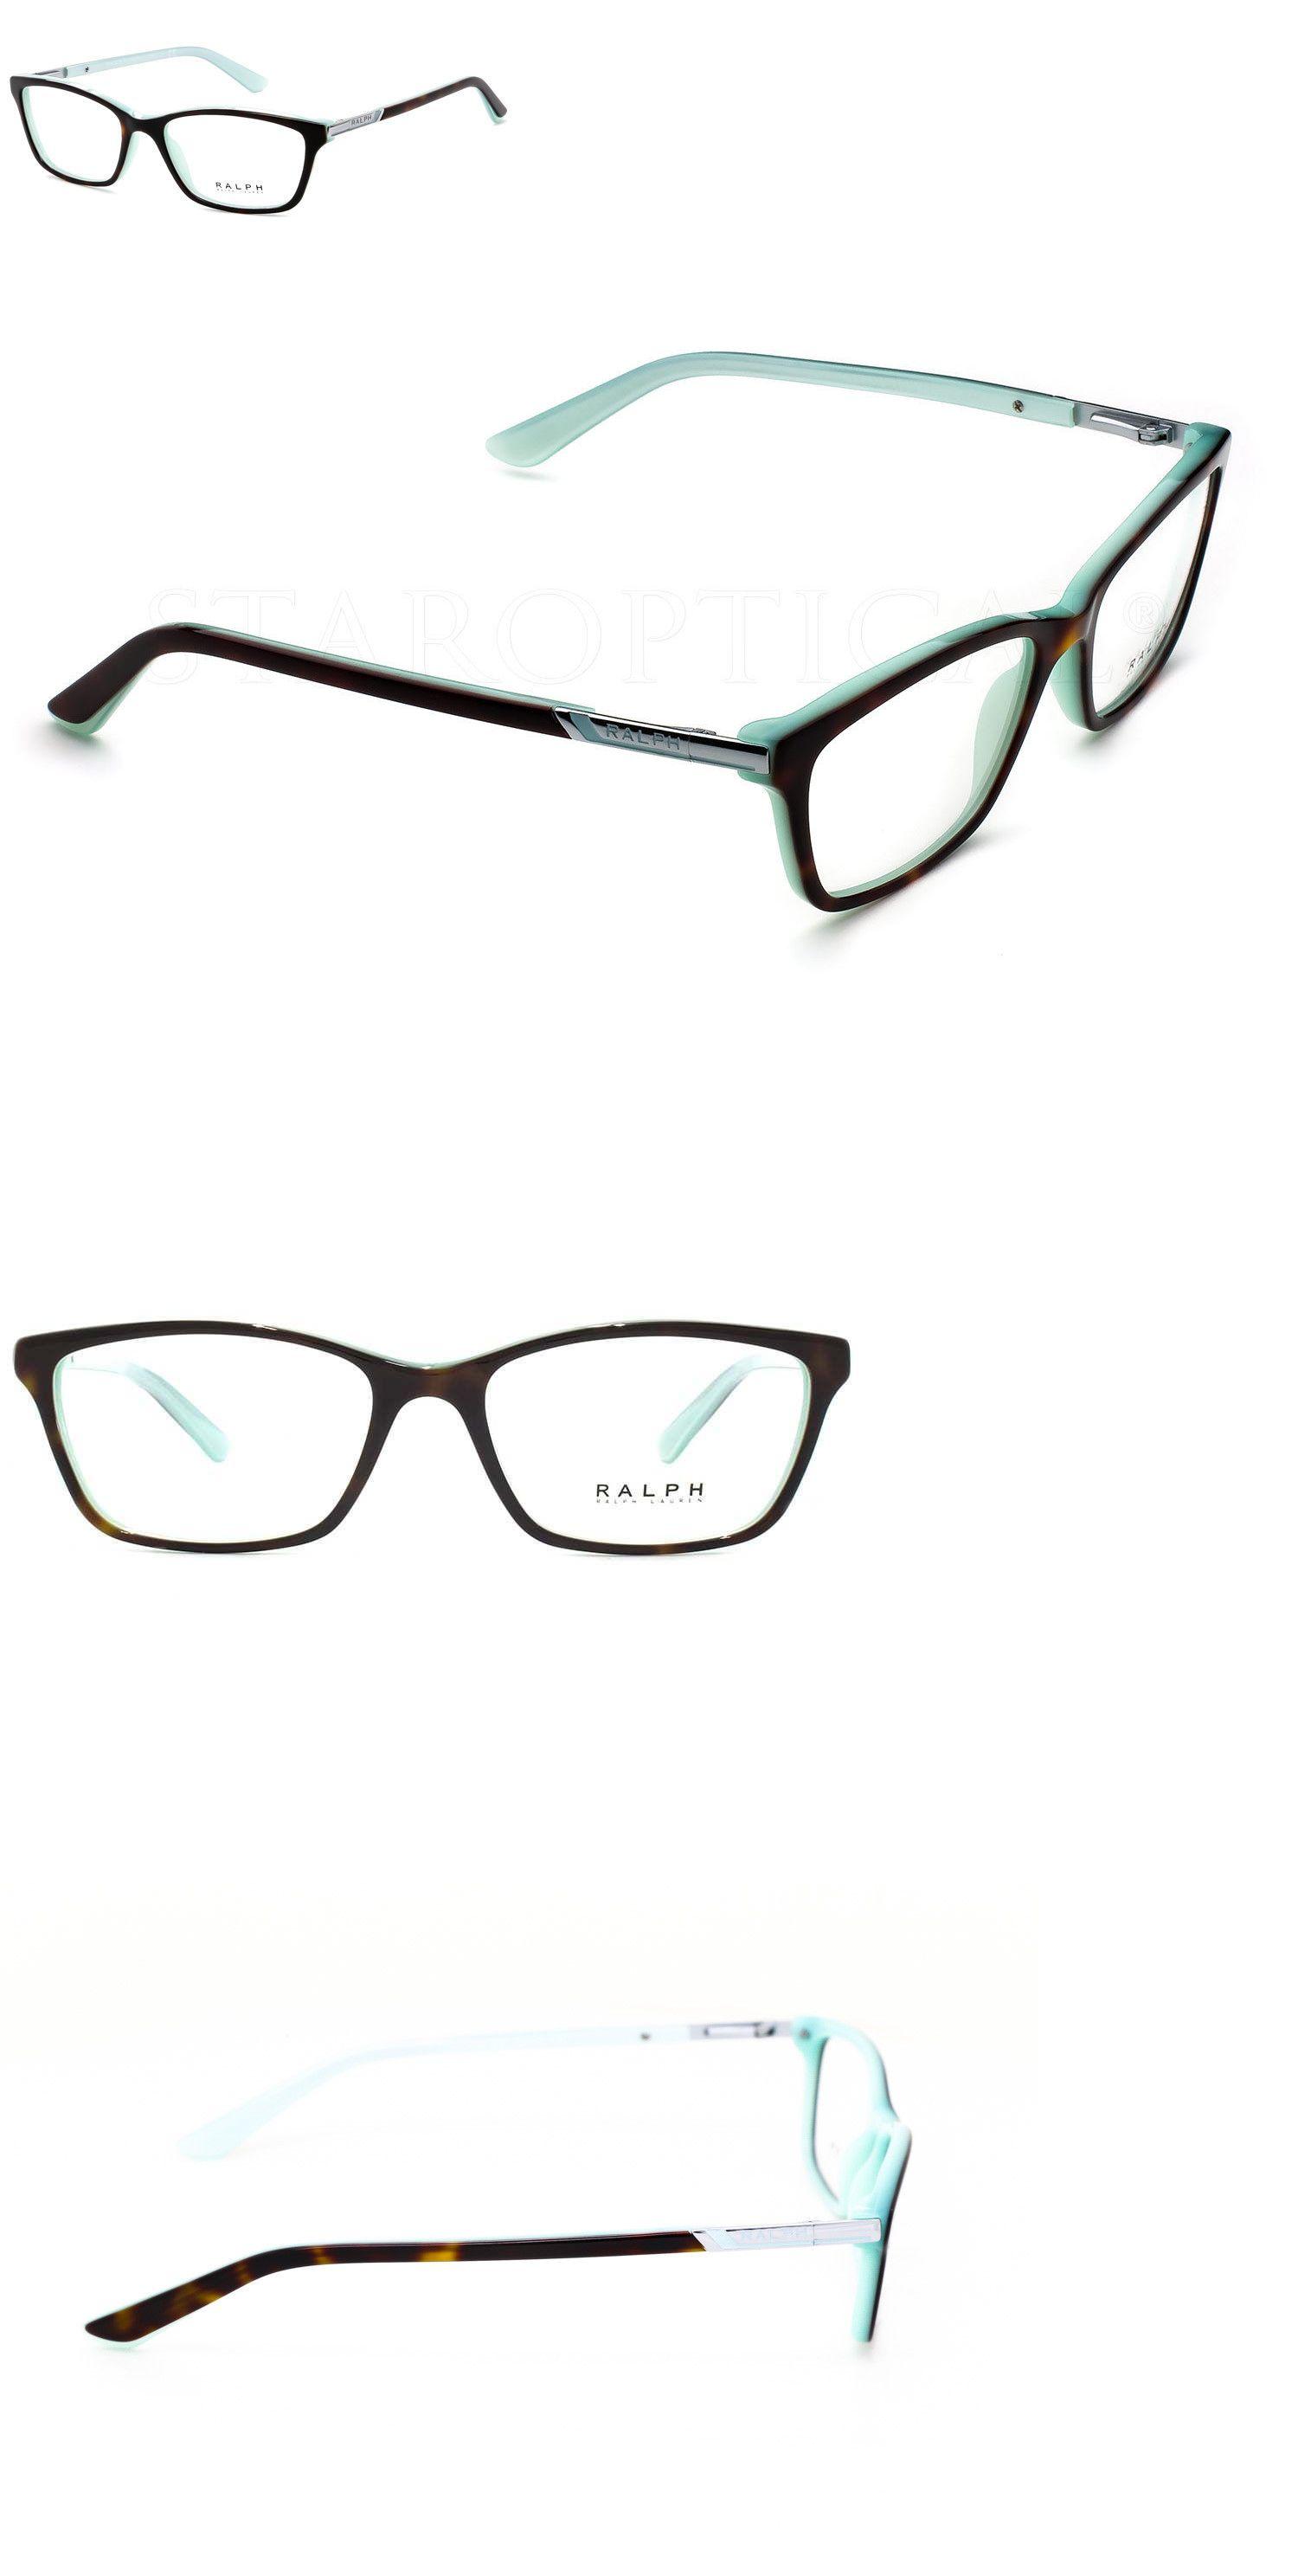 Lauren Clear Ralph Glasses 601 Ra Fashion Eyewear 7044 179244New ARq35j4L